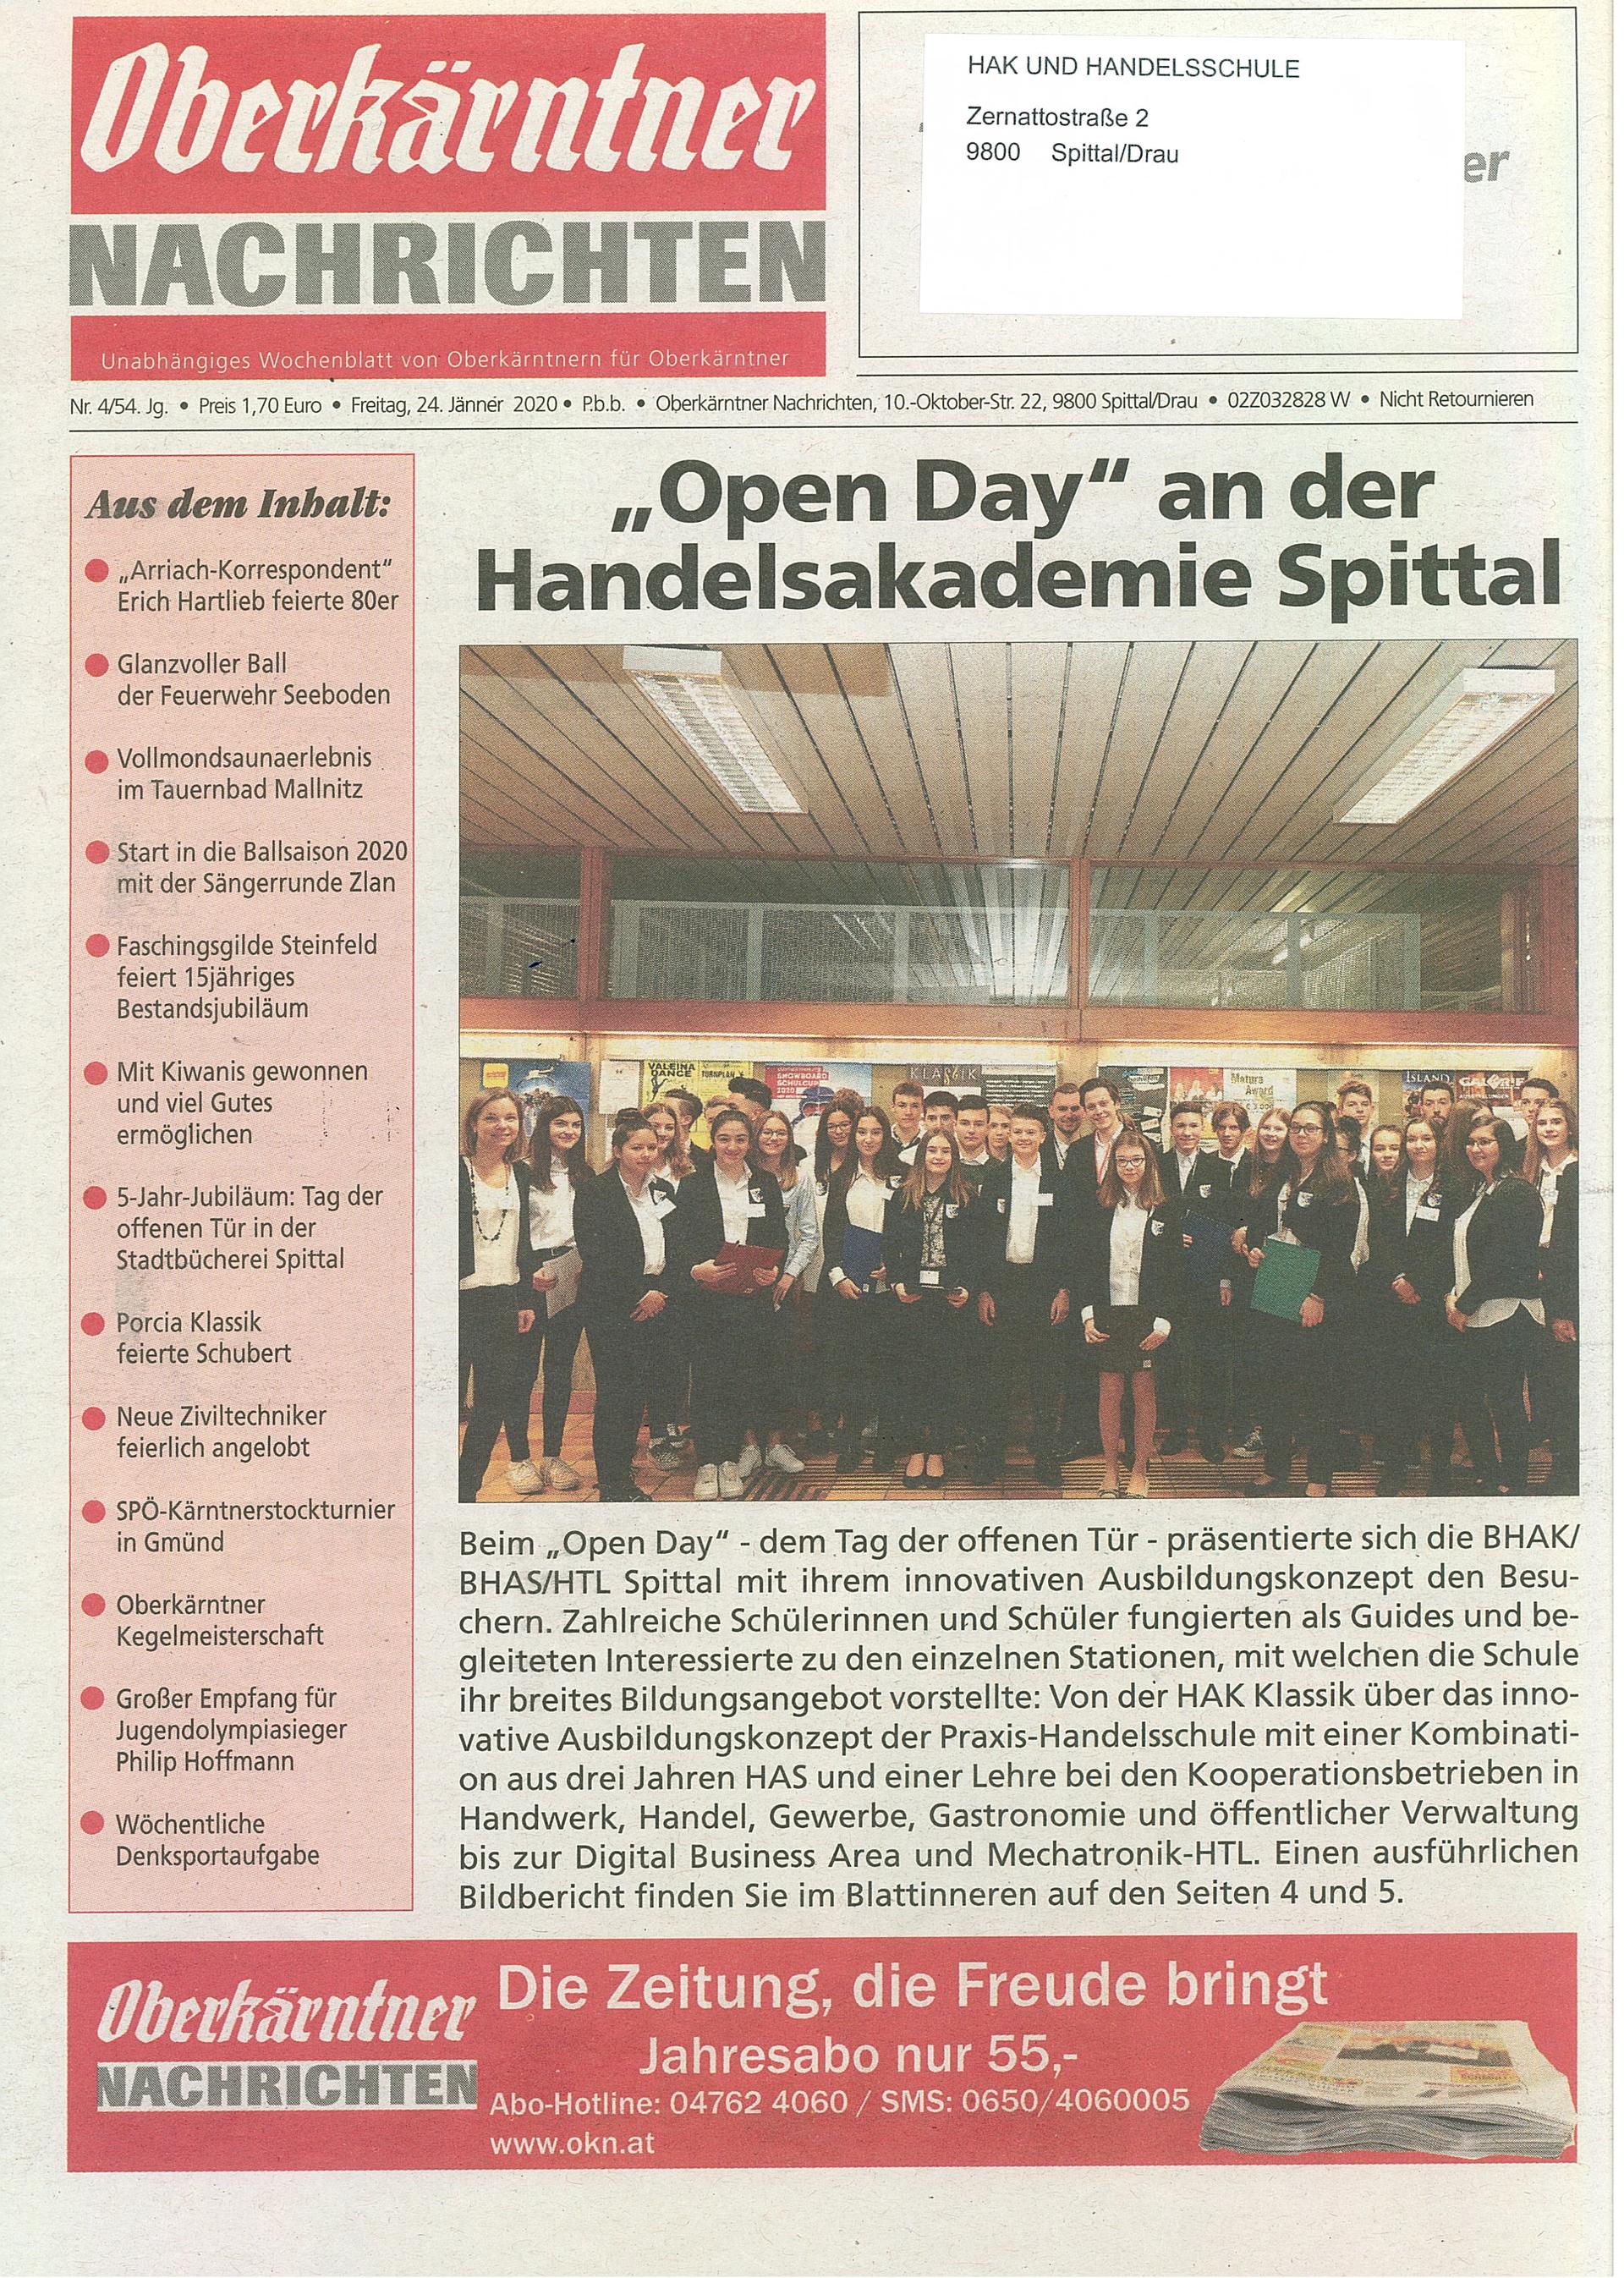 Open Day an der Handelsakademie Spittal